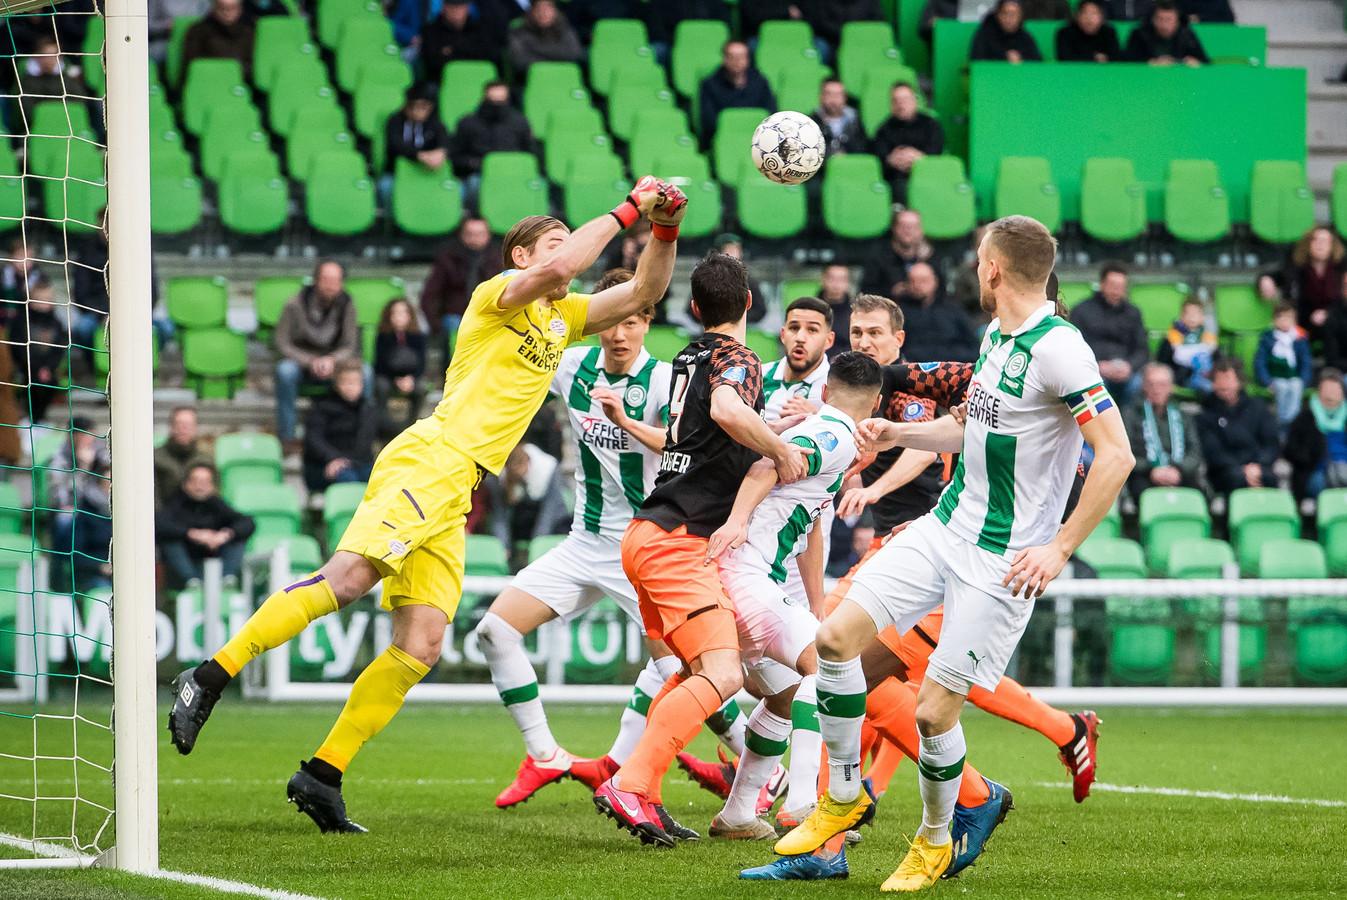 Lars Unnerstall bokst de bal weg tegen FC Groningen